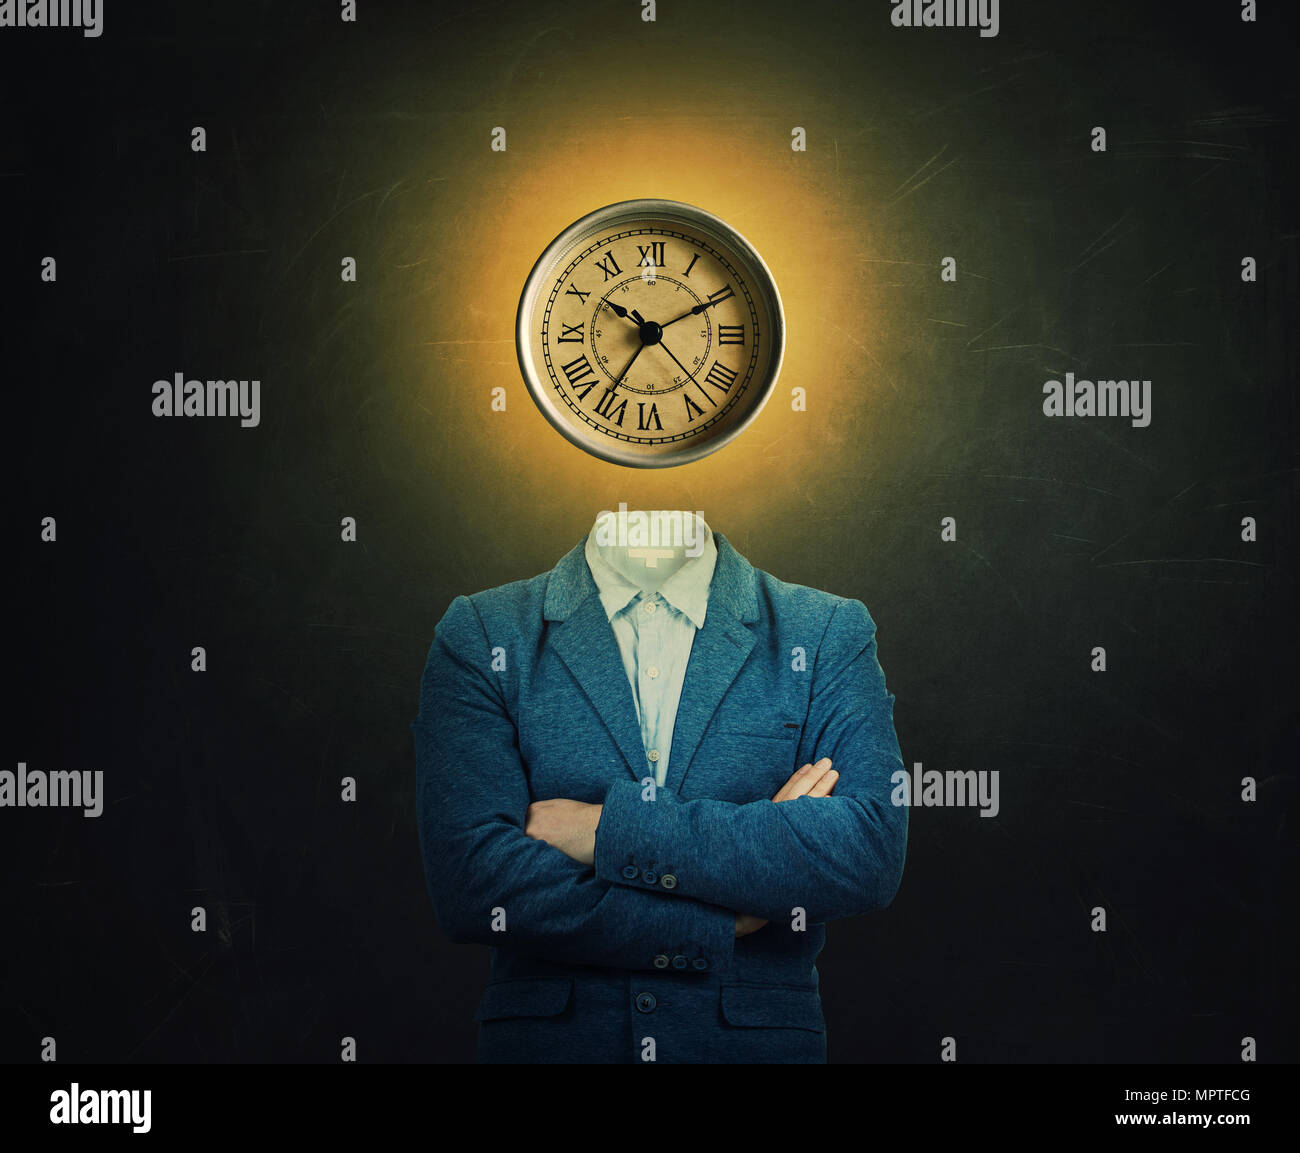 Image surréaliste d'un professeur sérieux et mains croisées avec une horloge à la place de sa tête sur l'arrière-plan du tableau. Le concept du temps dans les Photo Stock